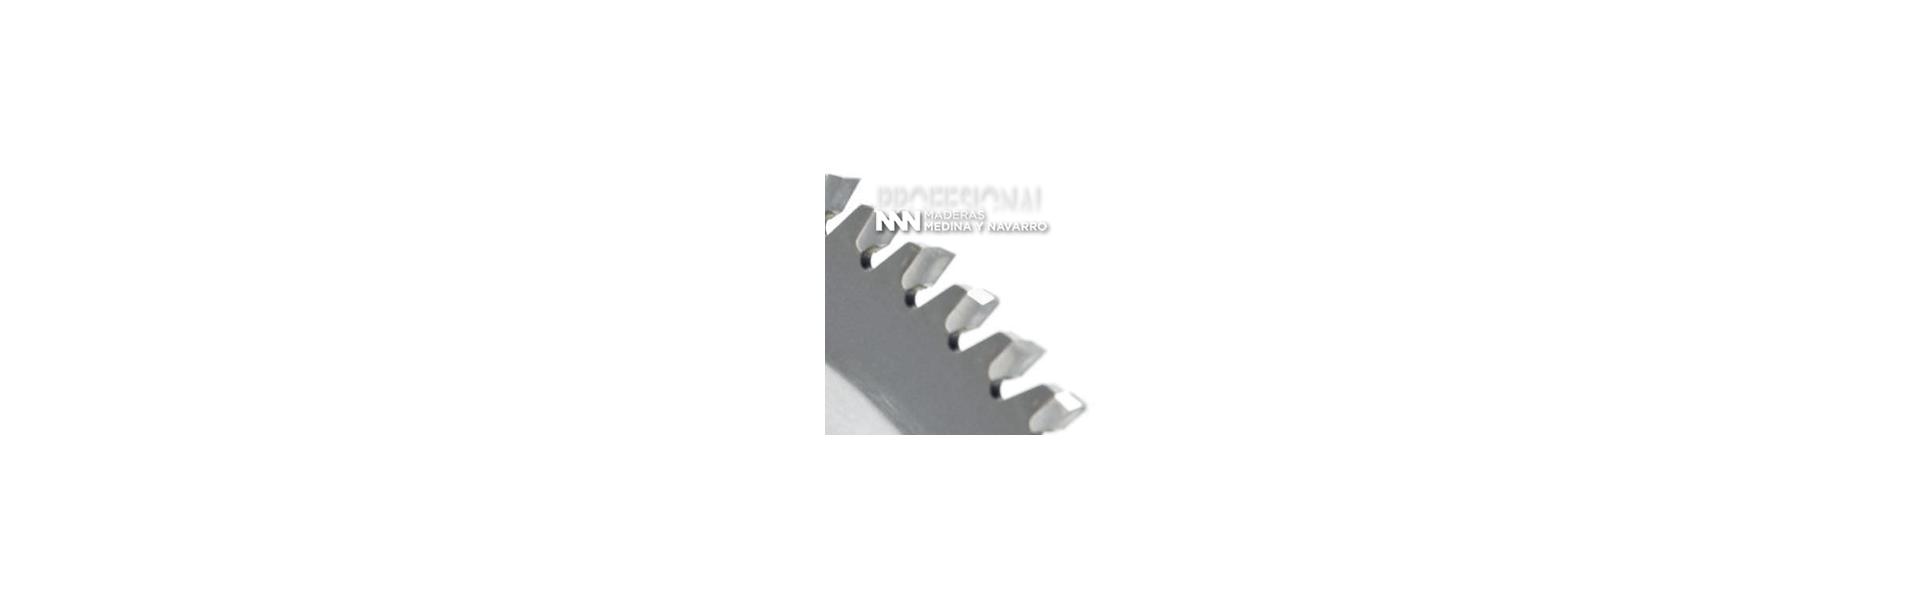 Herramientas y consumibles para el montaje de elementos de madera